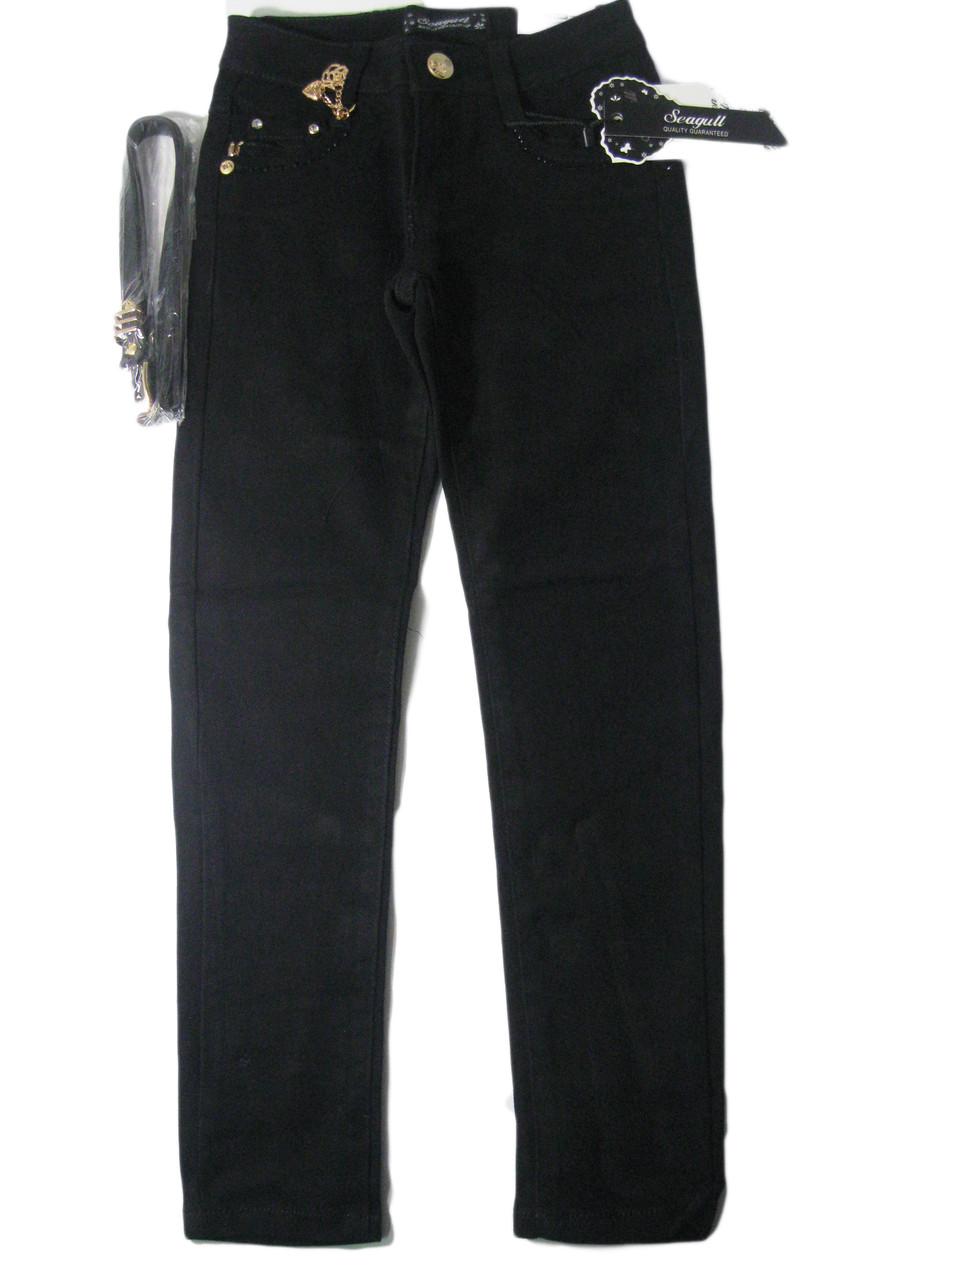 Брюки котоновые черные для девочки, размеры 140. арт. CSQ 88777